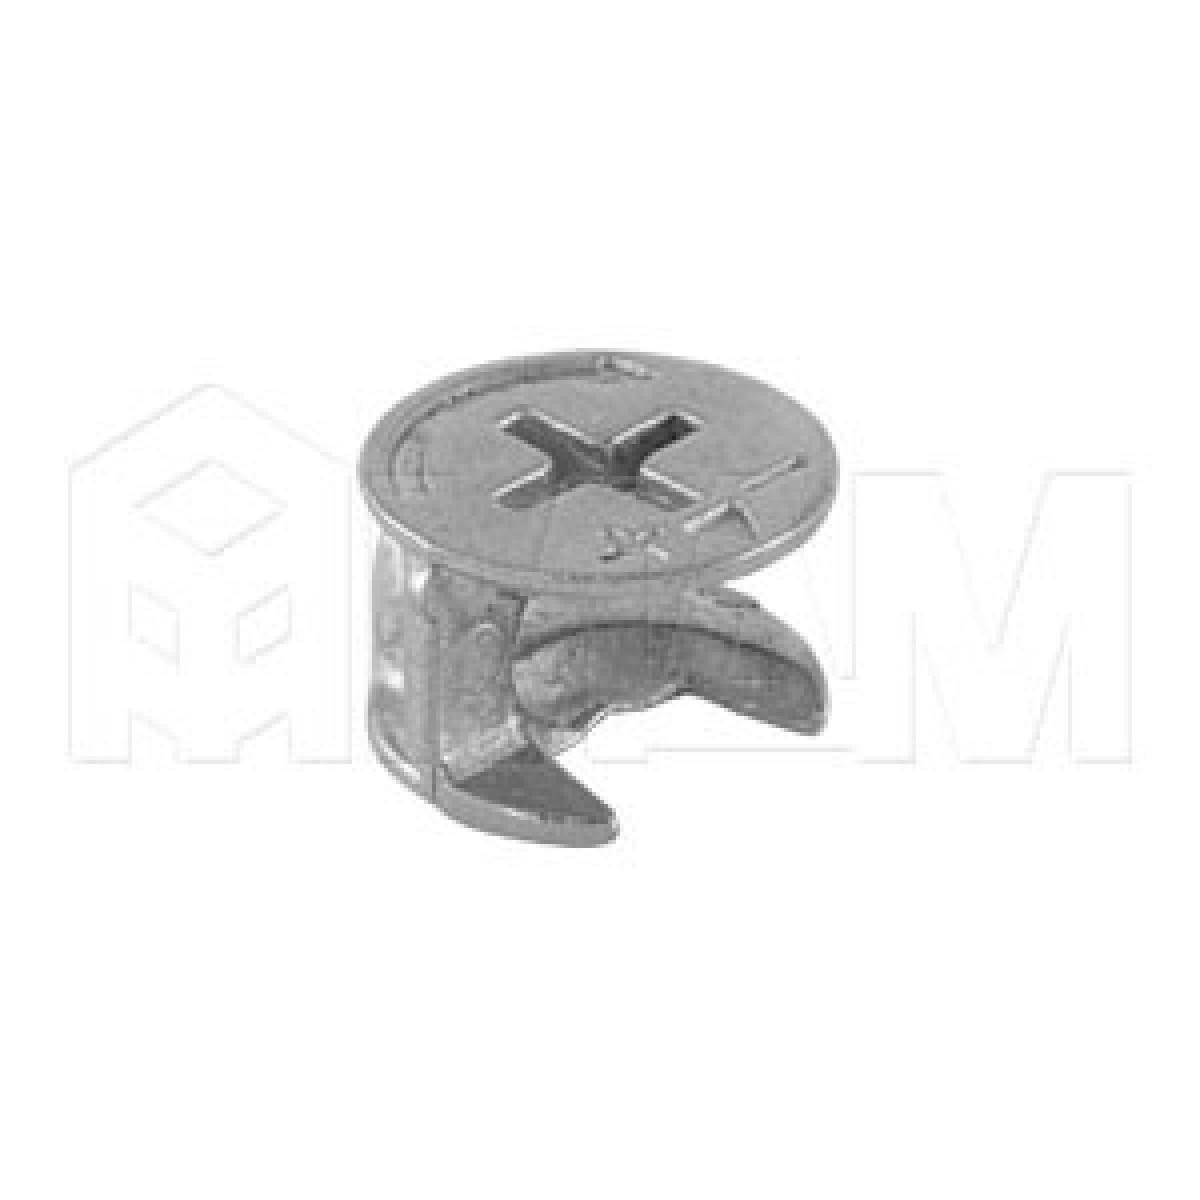 Эксцентрик для плит толщиной 12 мм